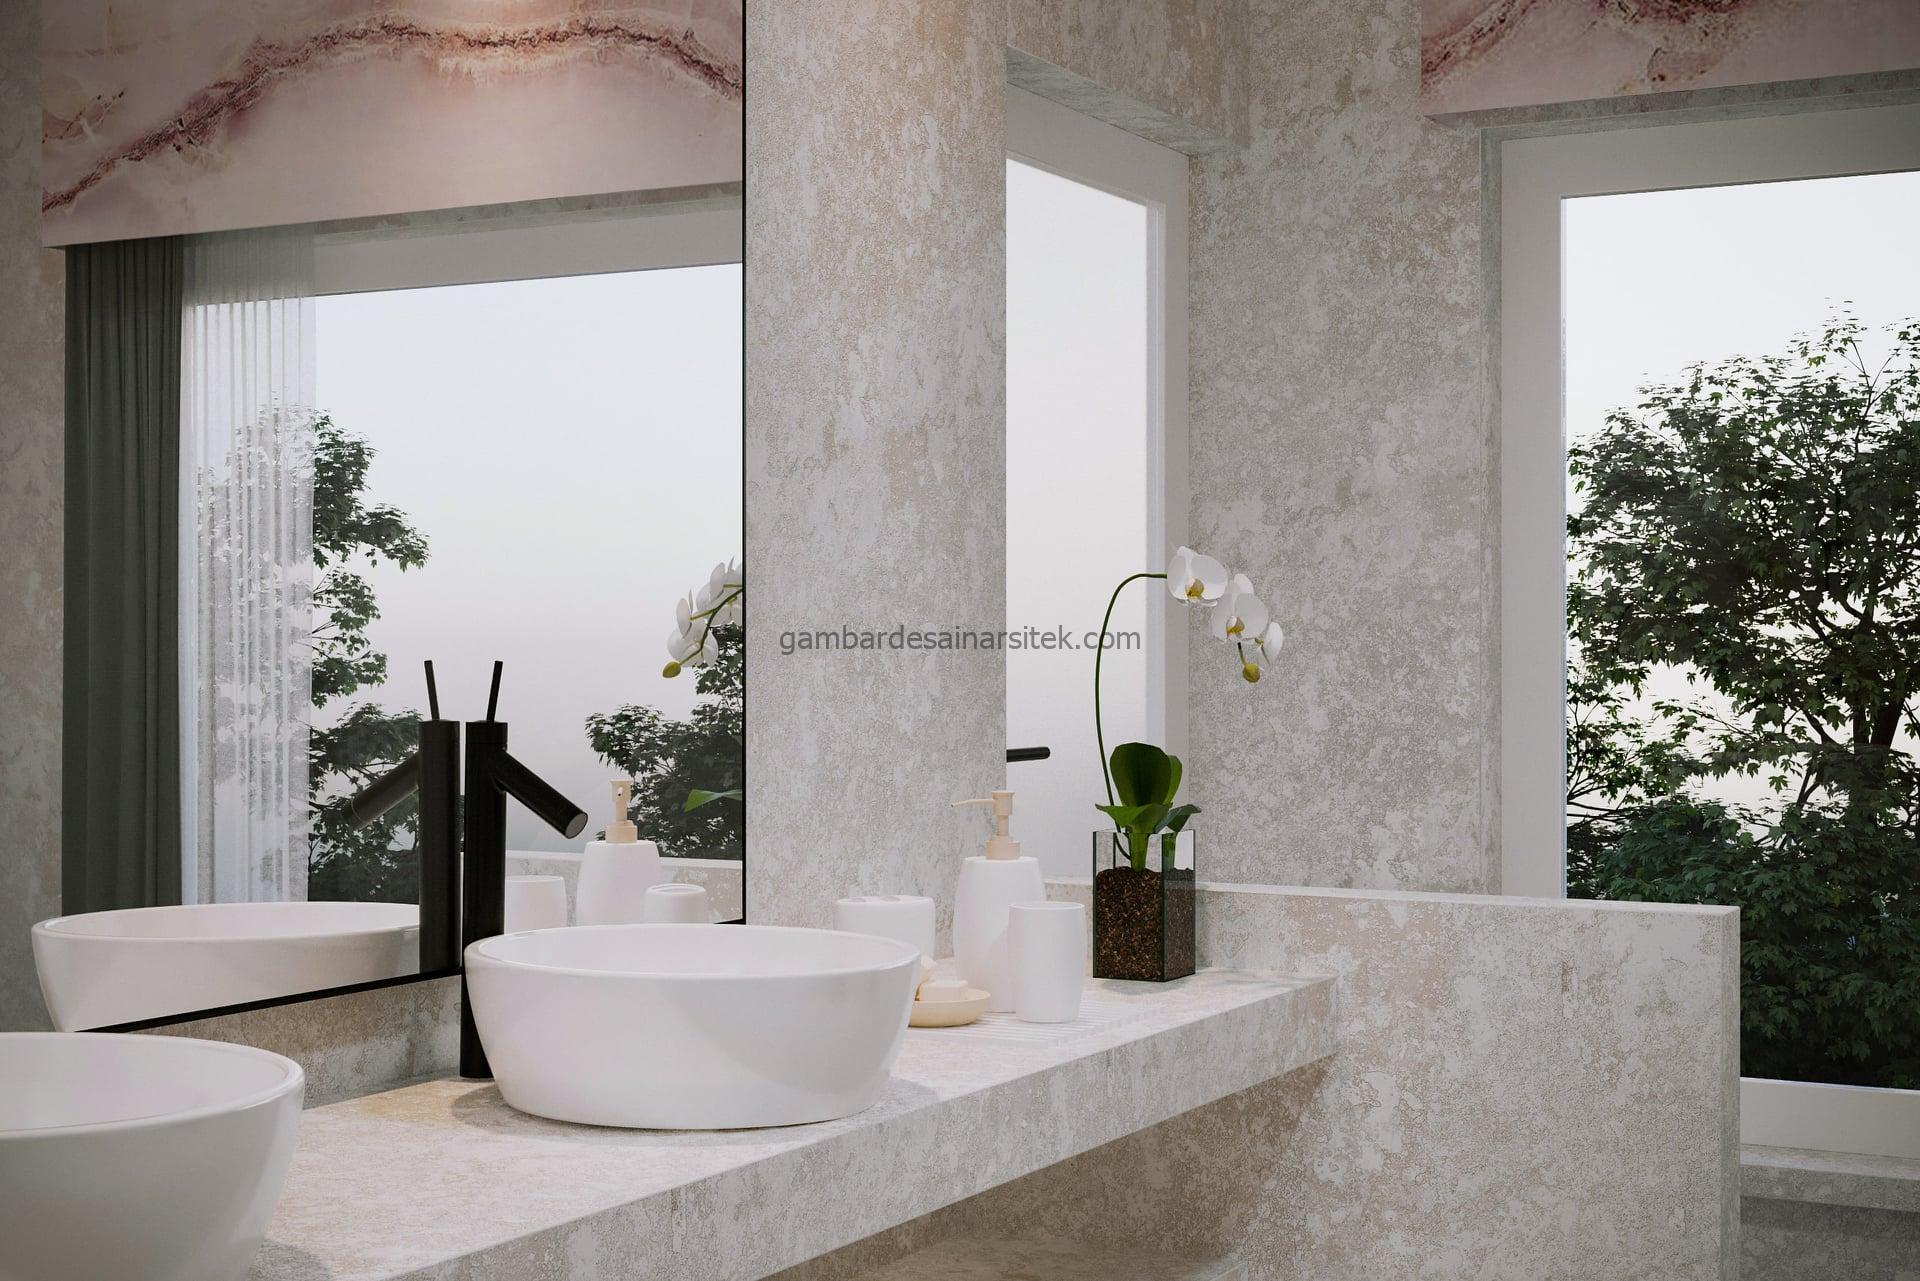 Contoh Desain Interior Rose Marble Bathroom 3D 2